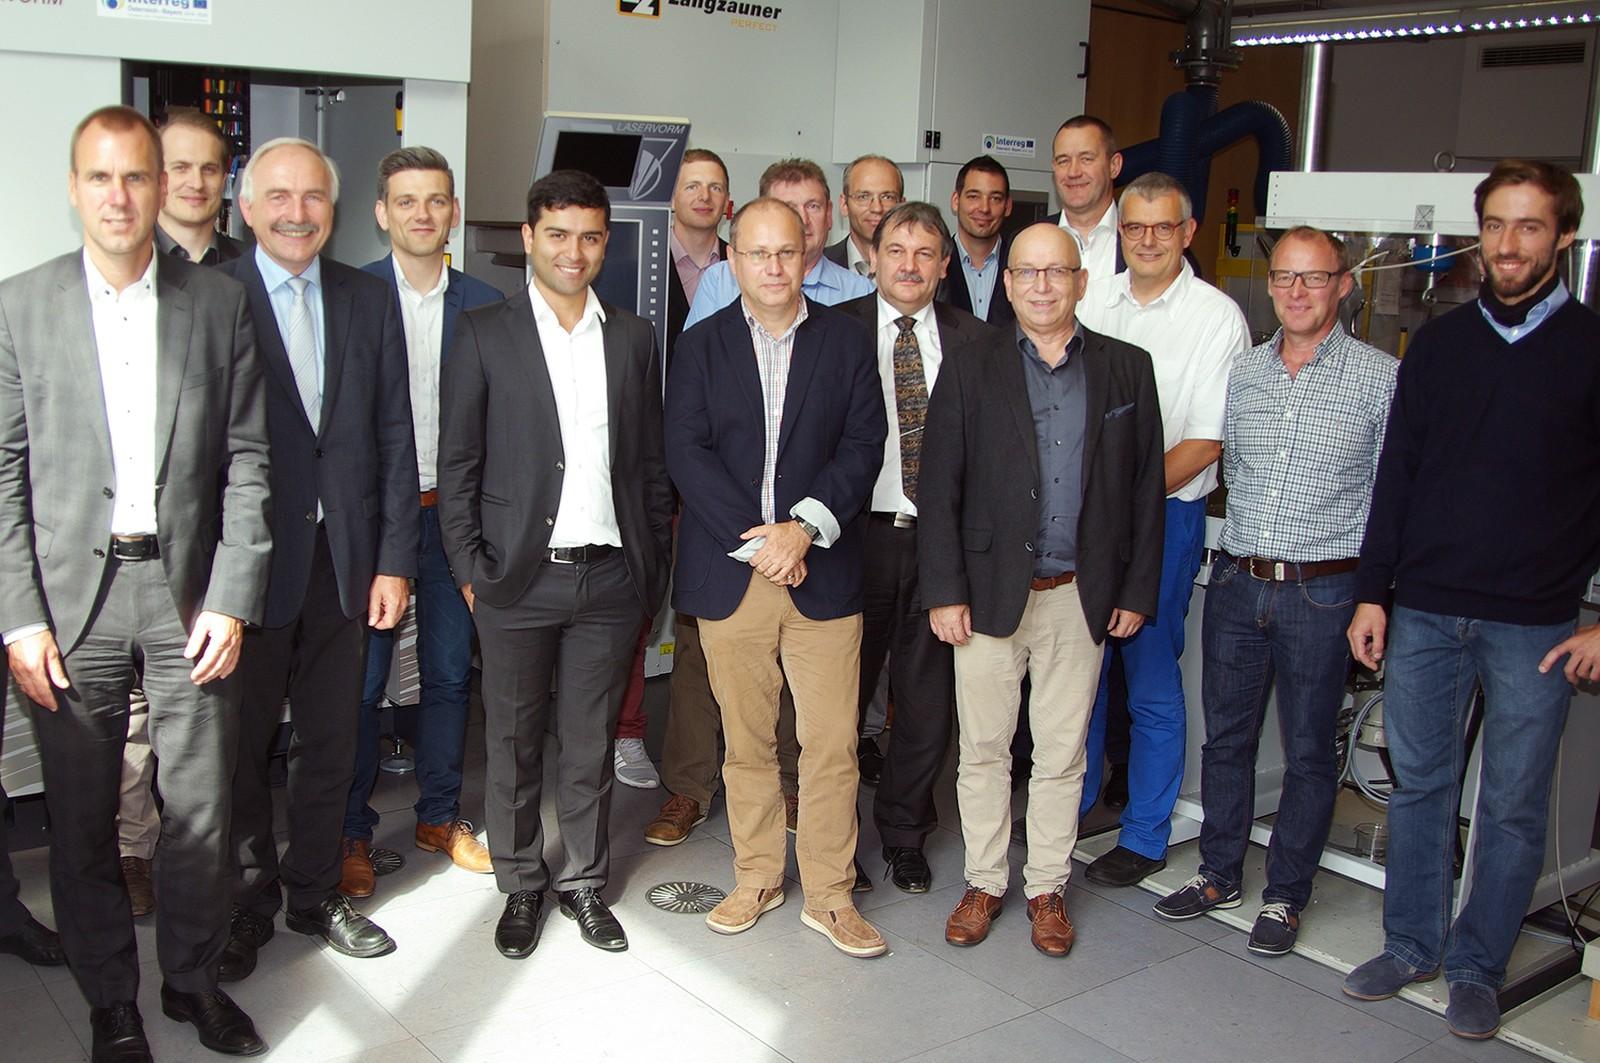 Teilnehmer des Partner-Treffens: Prof. M. Jautze (li.), Prof. O. Huber (3. v. l.), Prof. Dr. H. Saage (7. v. l.), Prof. H. Klaus (10. v. l., alle HS Landshut), U. Weber (8. v.l., Otto Spanner GmbH) und Dr. F. Schönfeld (4. v.r., MAN Truck & Bus).